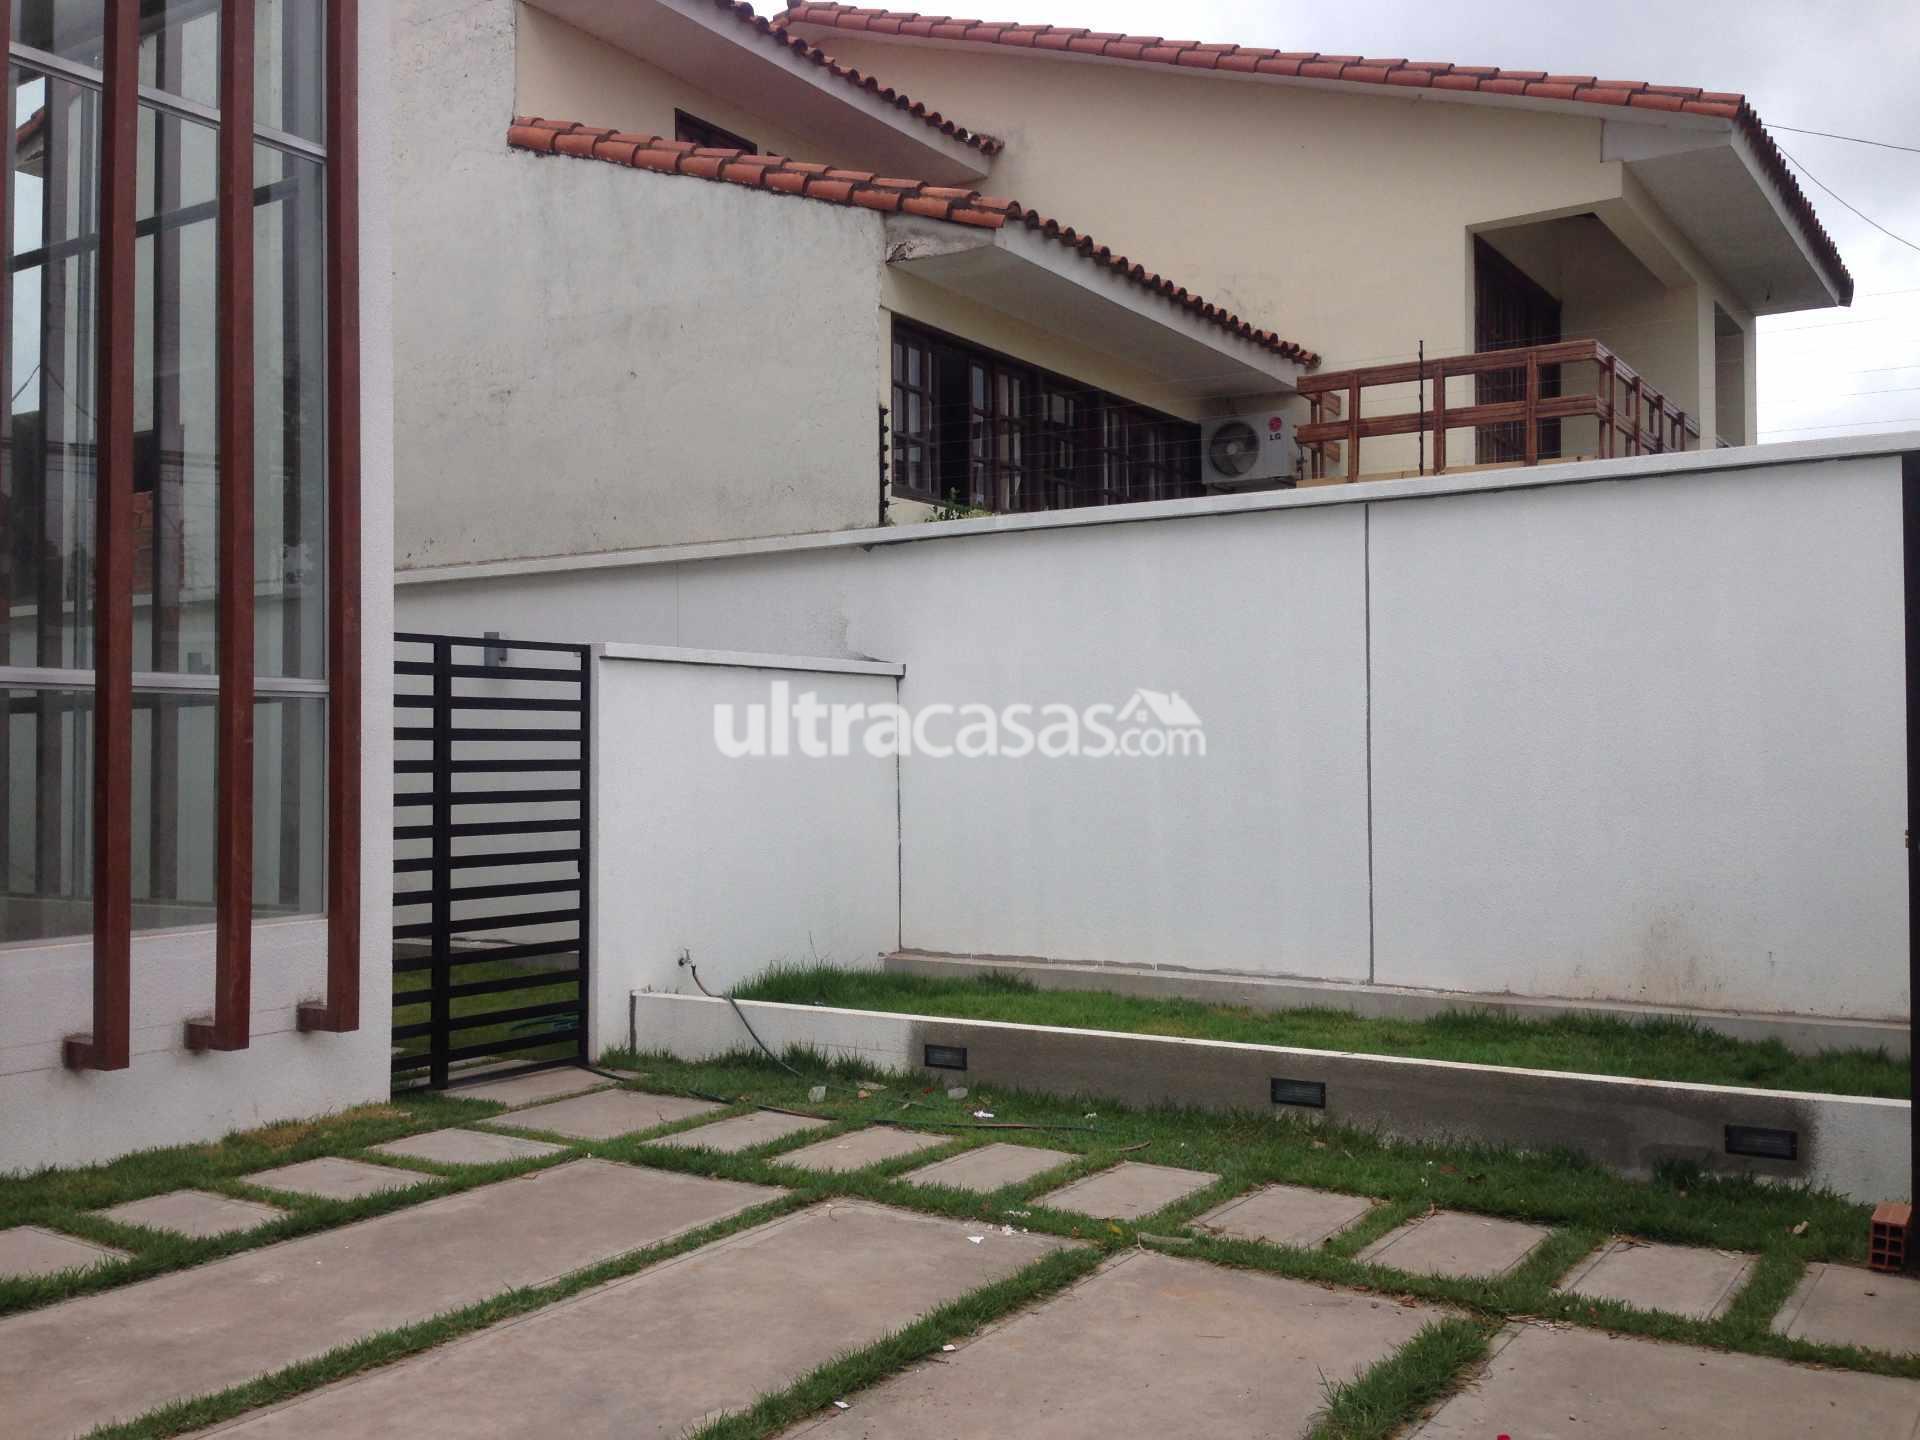 Casa en Venta Las Palmas, entre 3er y 4to anillo (1 cuadra de la Av. Piraí y a 4 cuadras del 4to Anillo) Foto 11